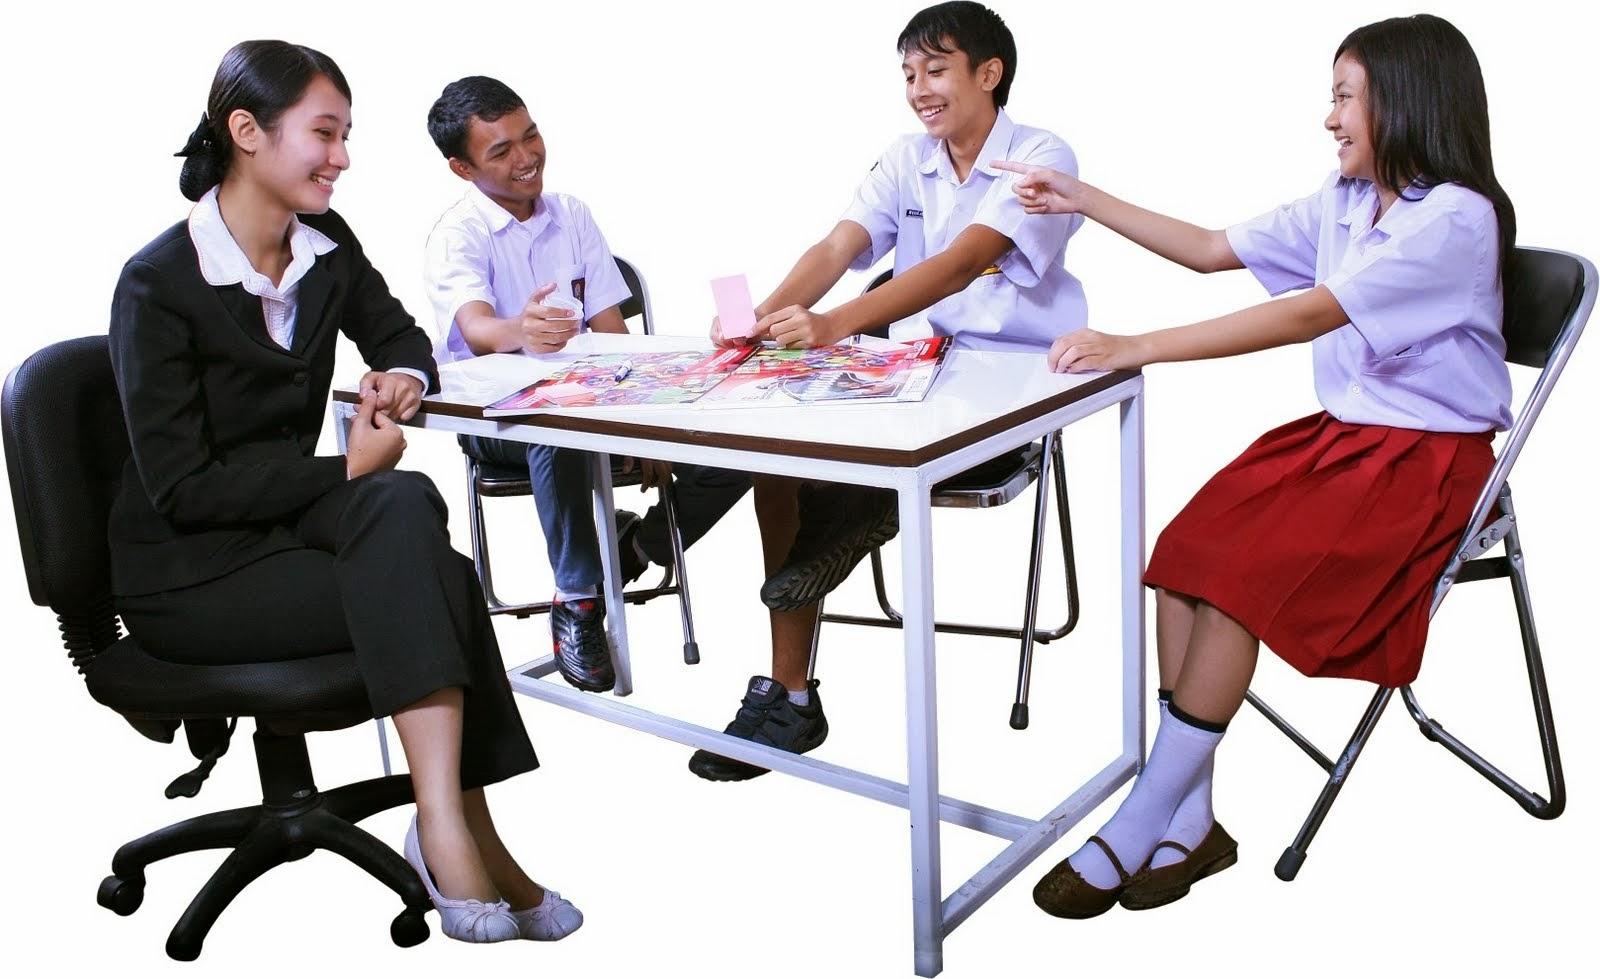 Membuka Tempat Privat Maupun Bimbingan Belajar | http://www.tabloidpeluangusaha.com